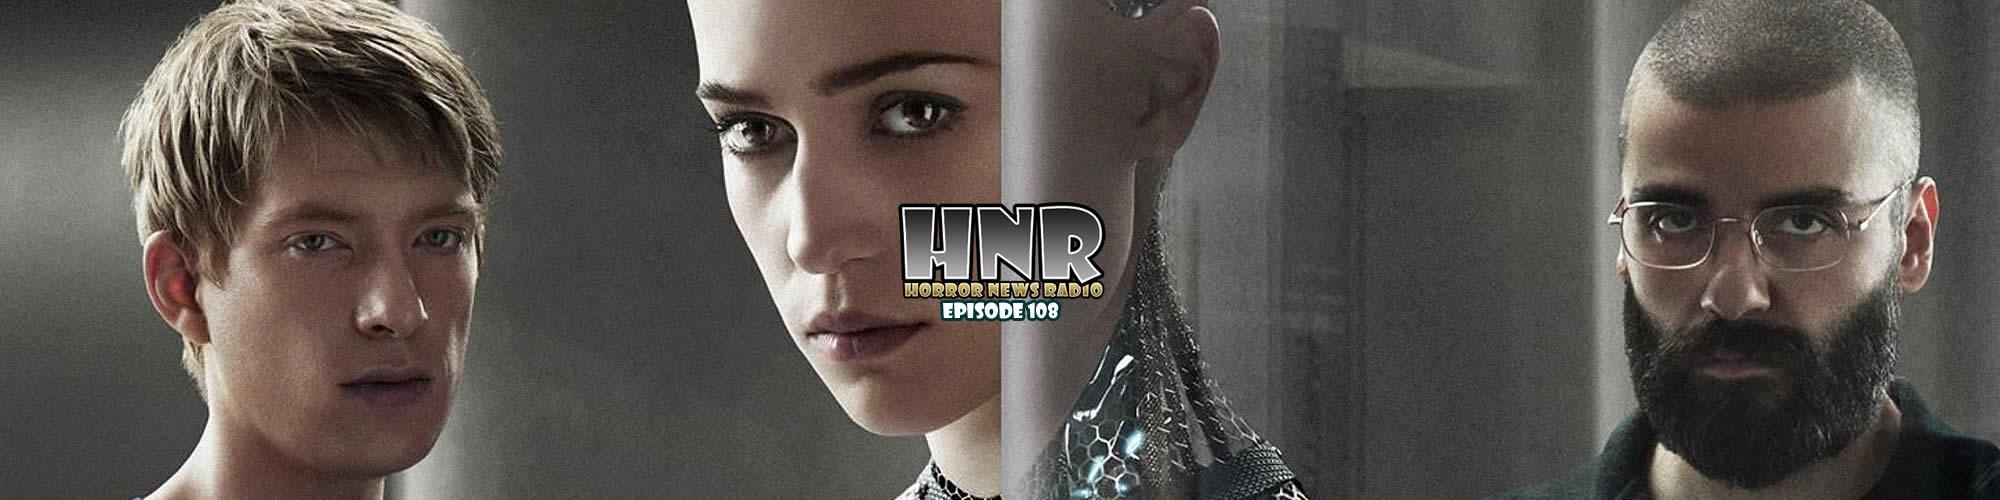 HNRSiteBanner108